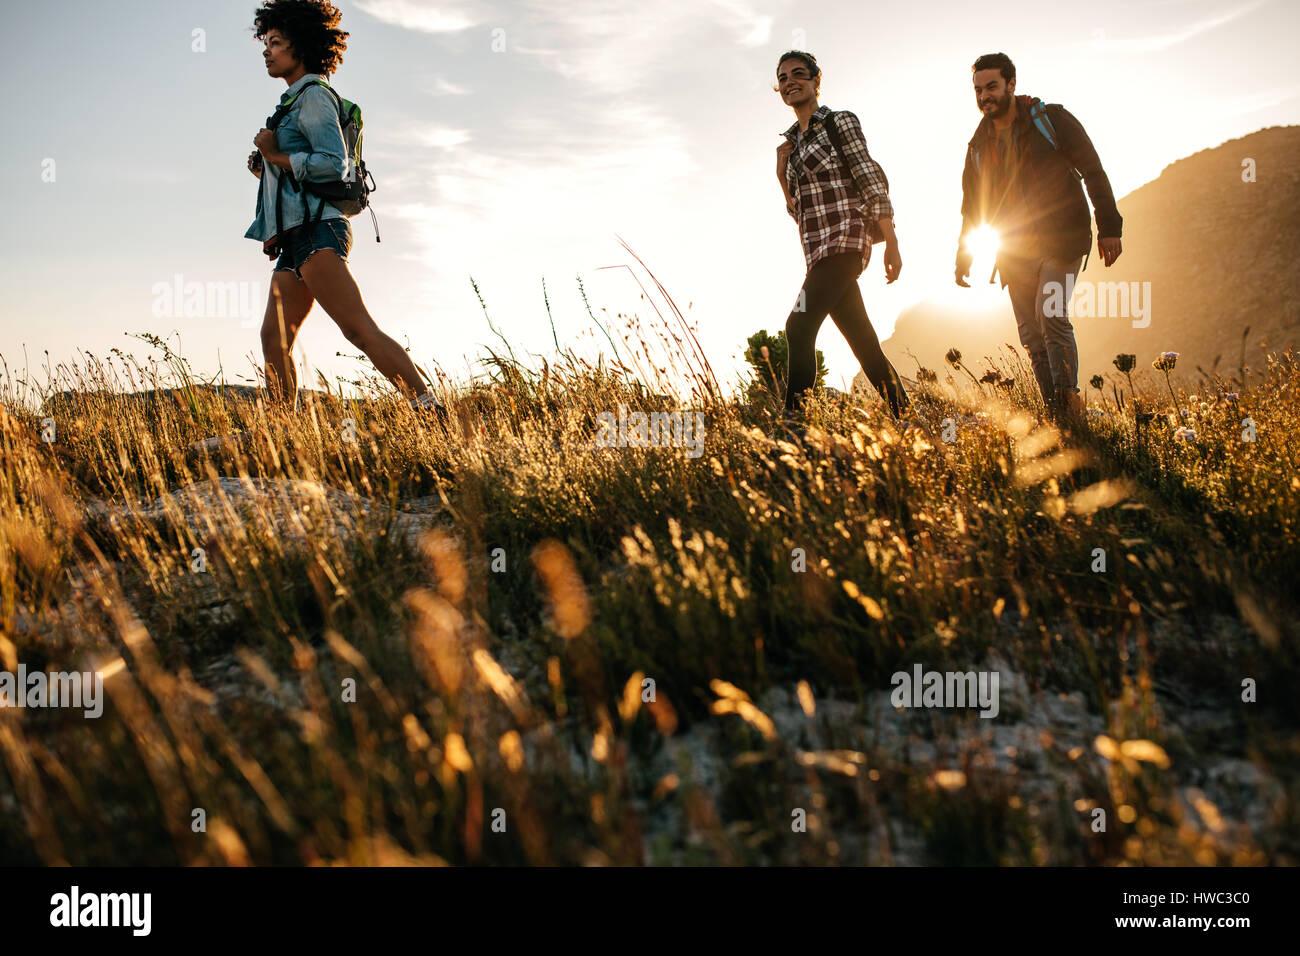 Tres jóvenes amigos en un país camine. Grupo de personas senderismo a través del campo. Imagen De Stock